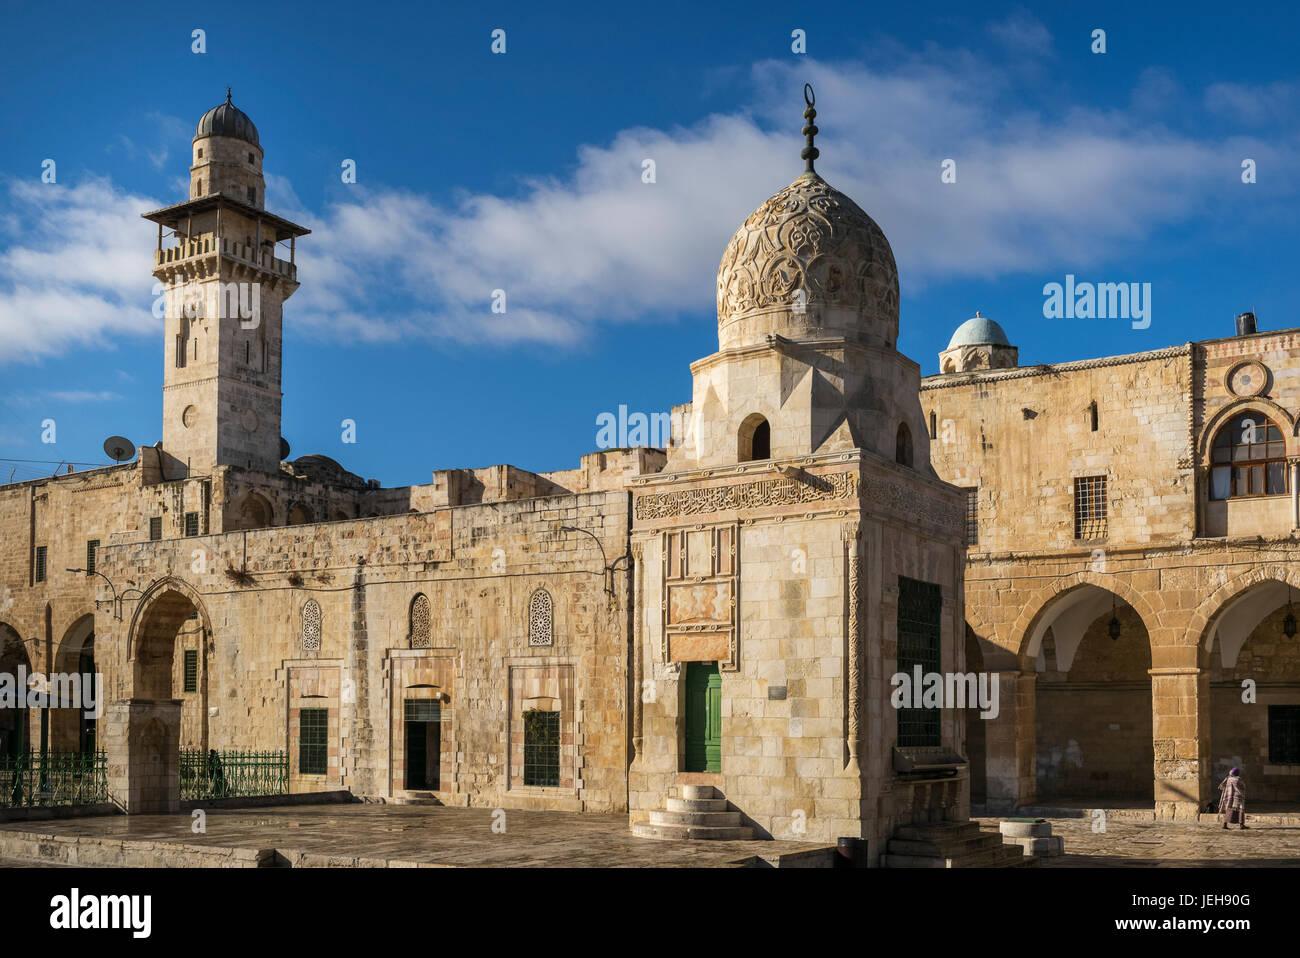 El Monte del Templo, la Ciudad Vieja de Jerusalén; Jerusalén, Israel Imagen De Stock